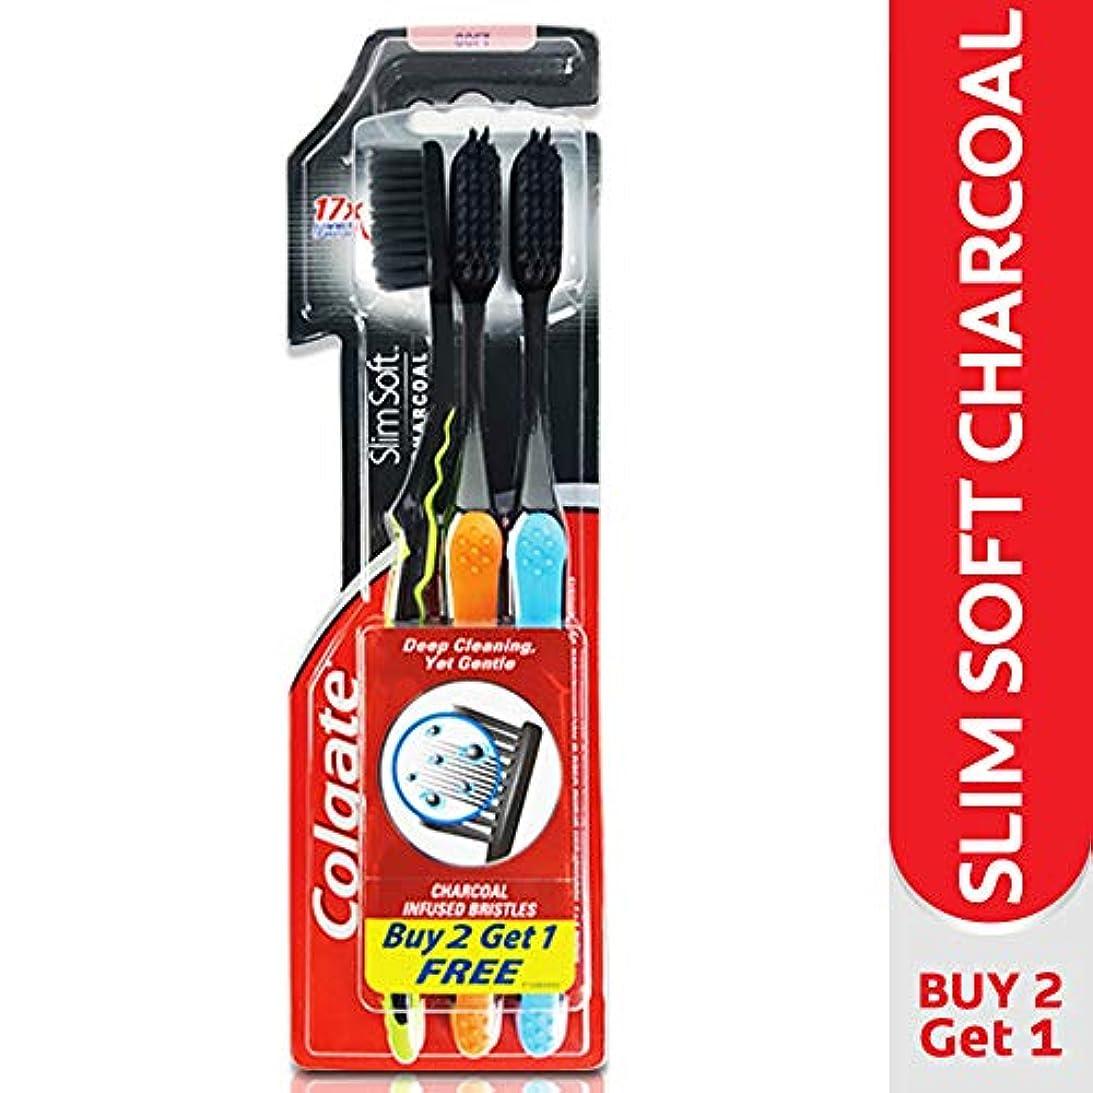 グラフィックオーロックよりColgate Slim Soft Charcoal Toothbrush (Pack of 3) 17x Slimmer Soft Tip Bristles (Ship From India)